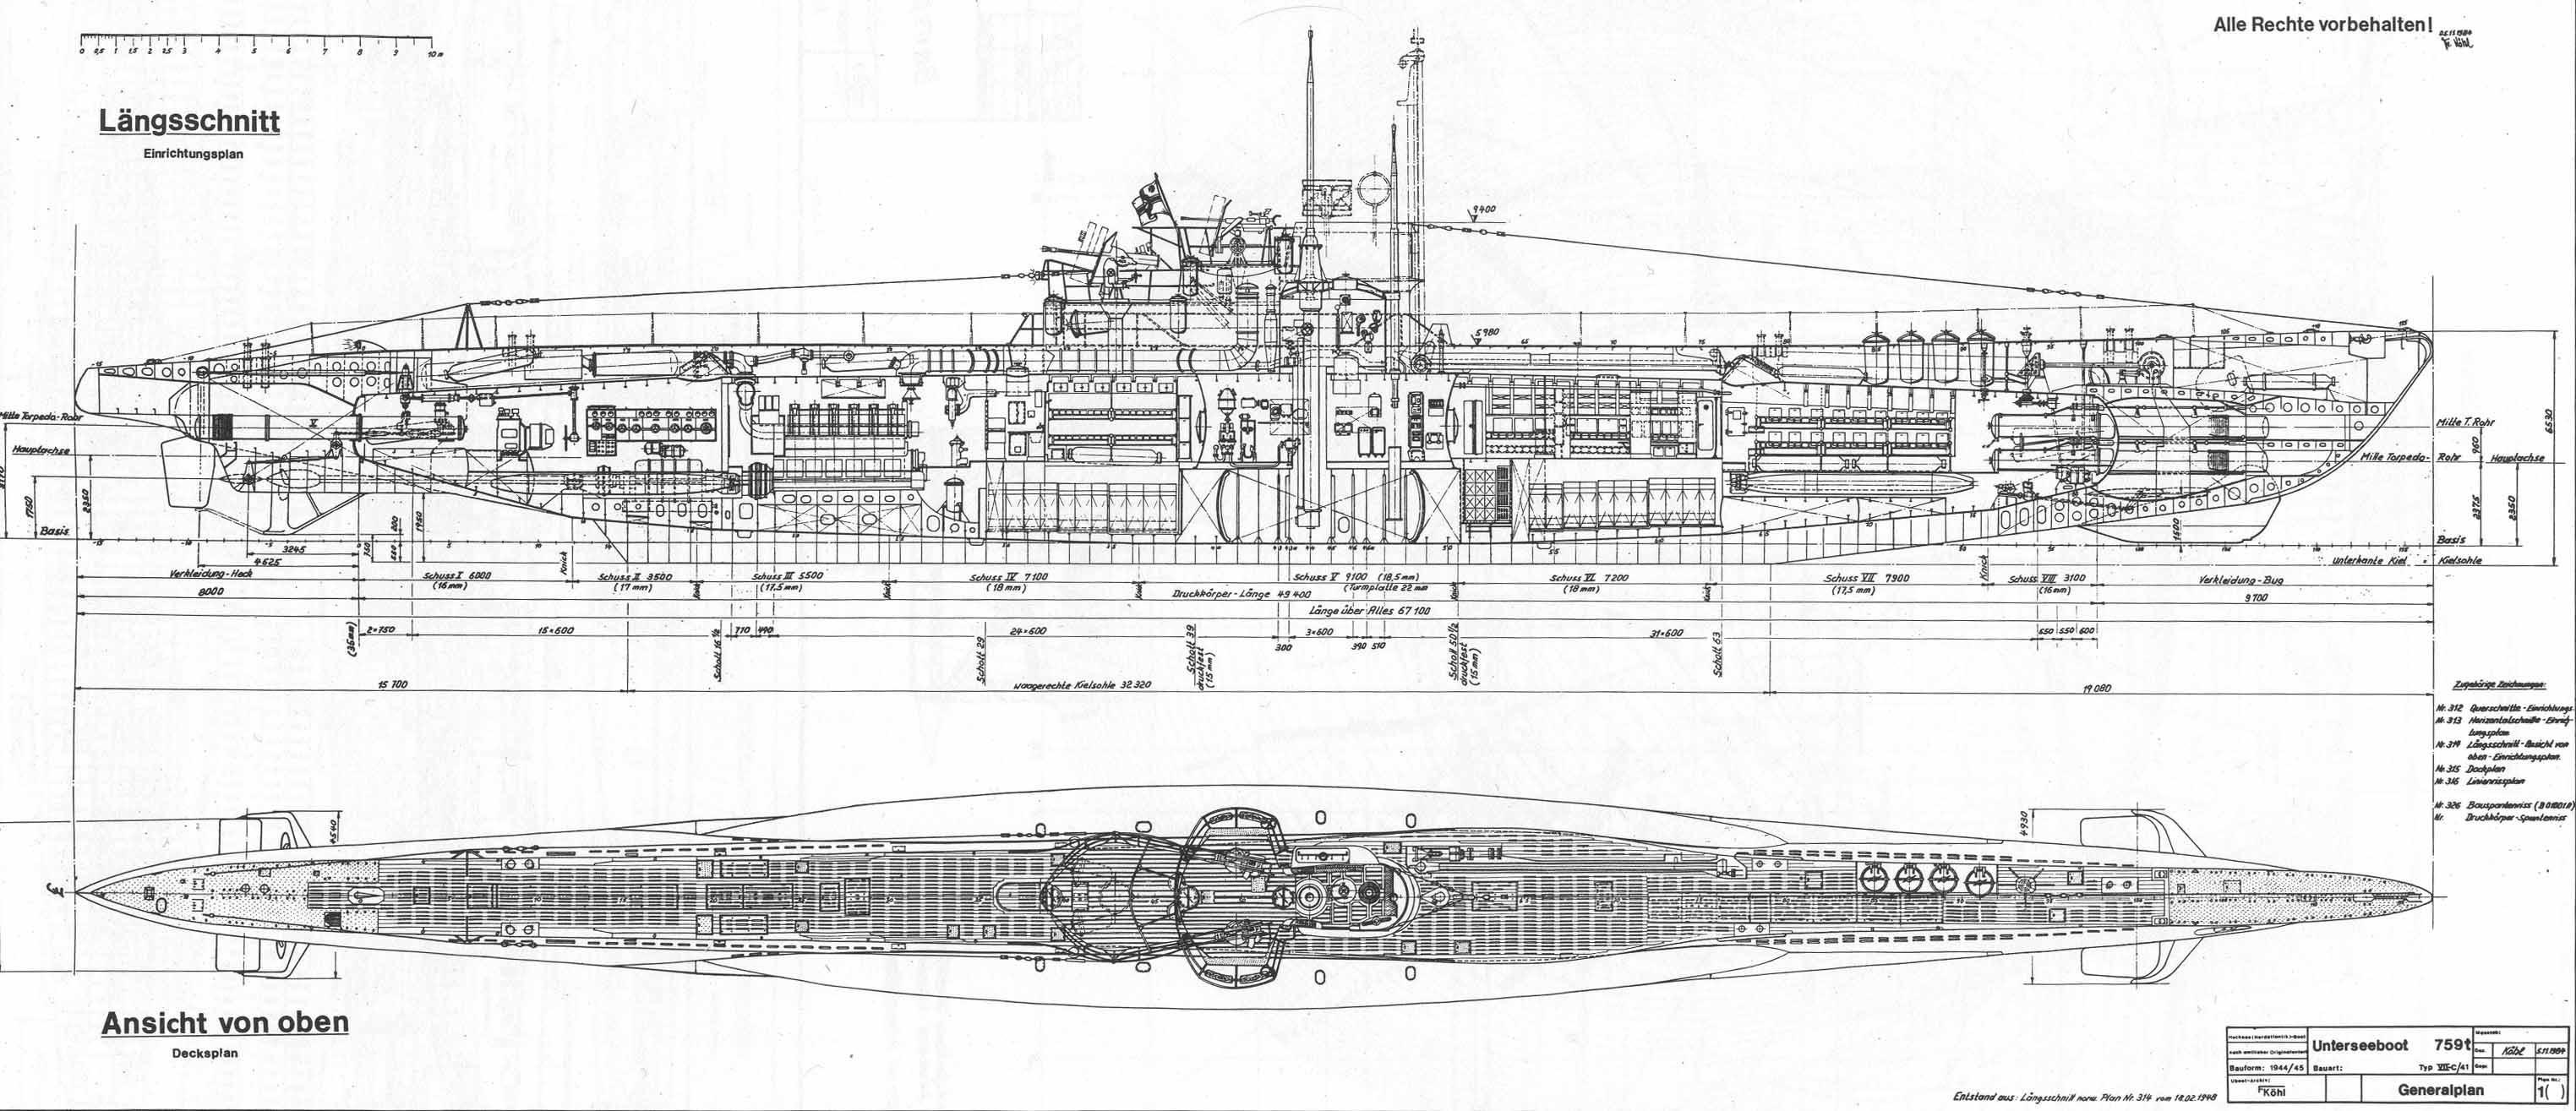 DIAGRAM] German U Boat Internal Diagram FULL Version HD Quality Internal  Diagram - LADDERDIAGRAM.NUITDEBOUTAIX.FRladderdiagram.nuitdeboutaix.fr